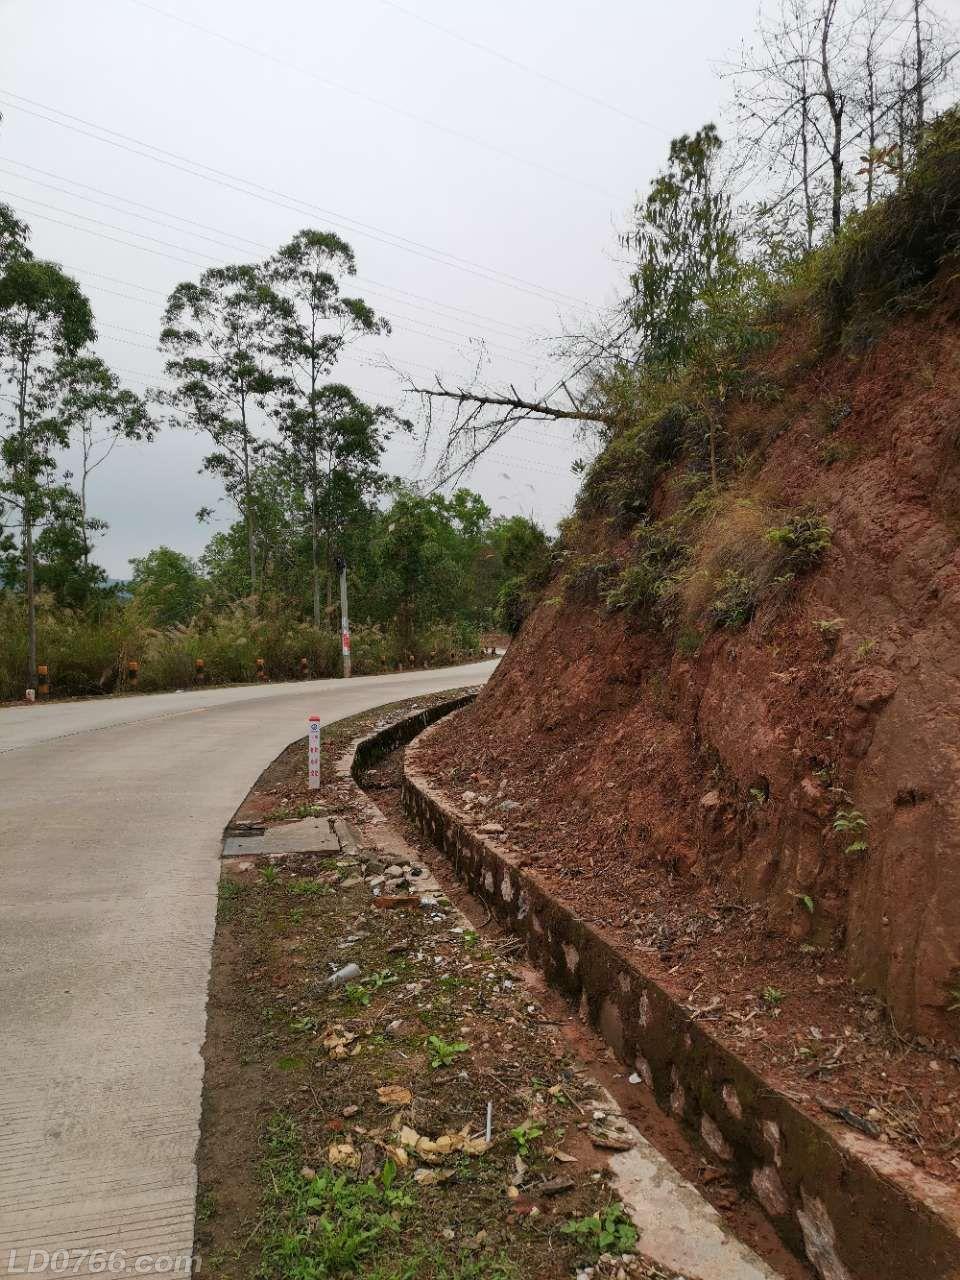 枯树横倒在路边电线上,危险,望相关部门处理一下